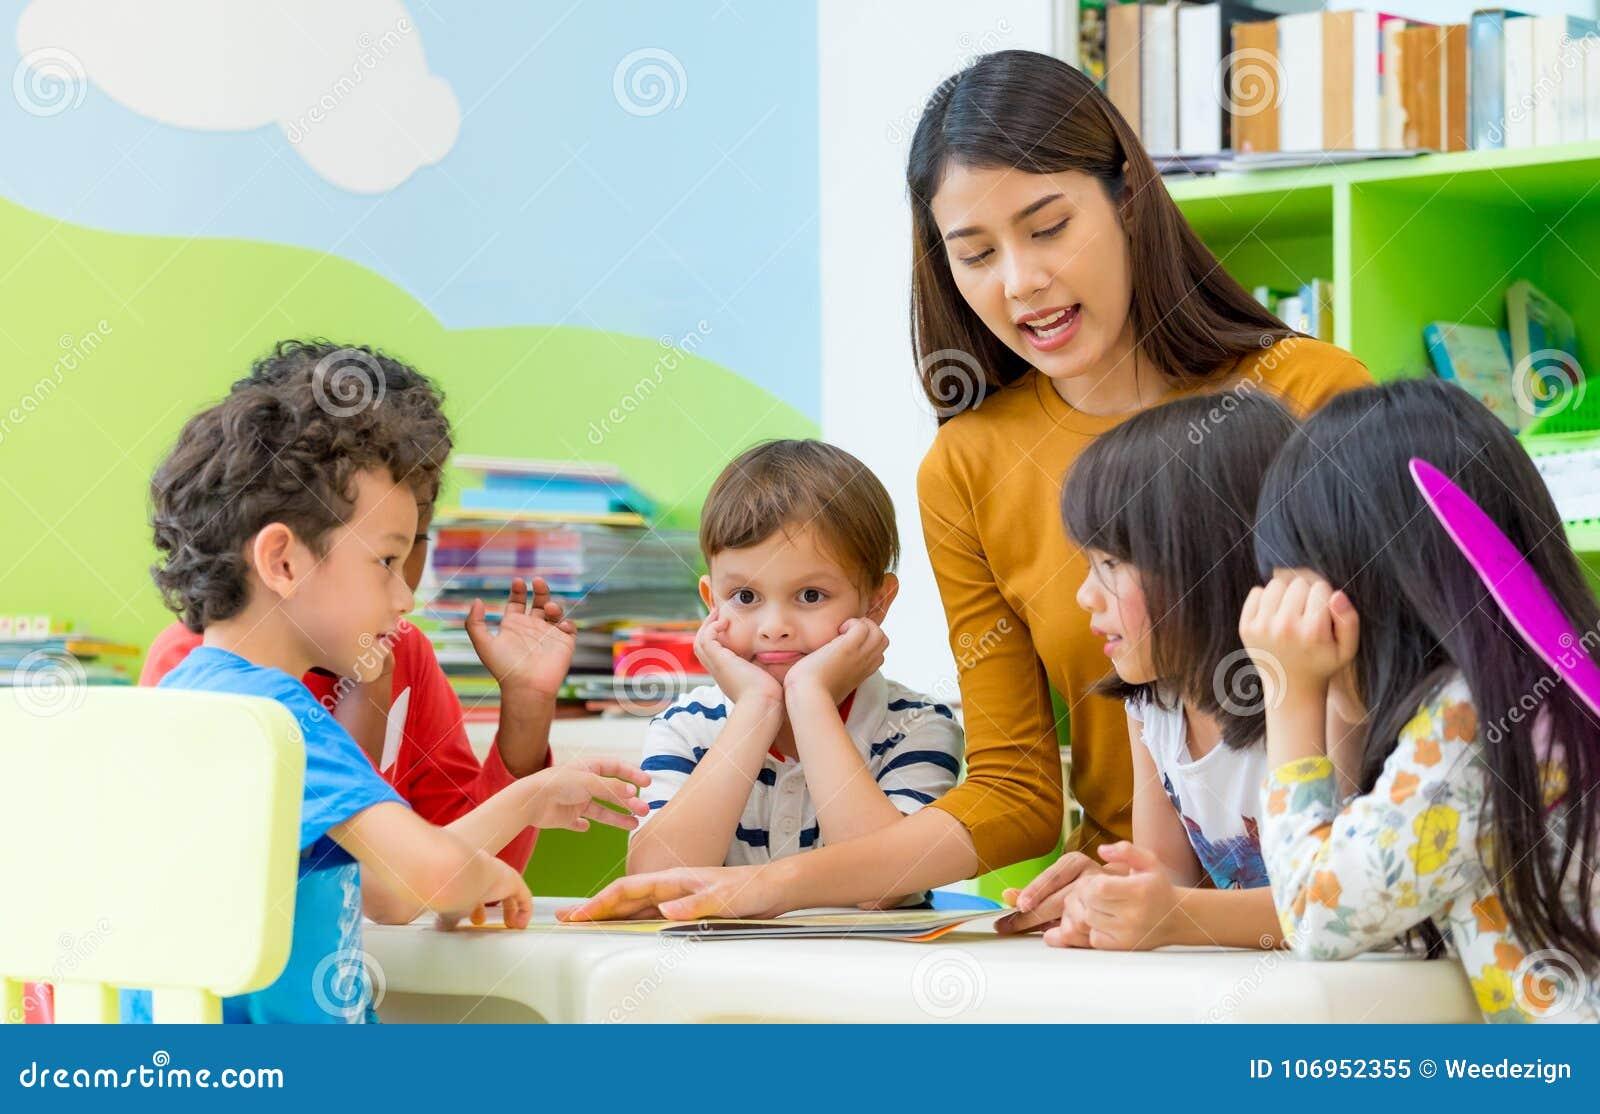 Asian Teacher Teaching Mixed Race Kids Reading Book ... on